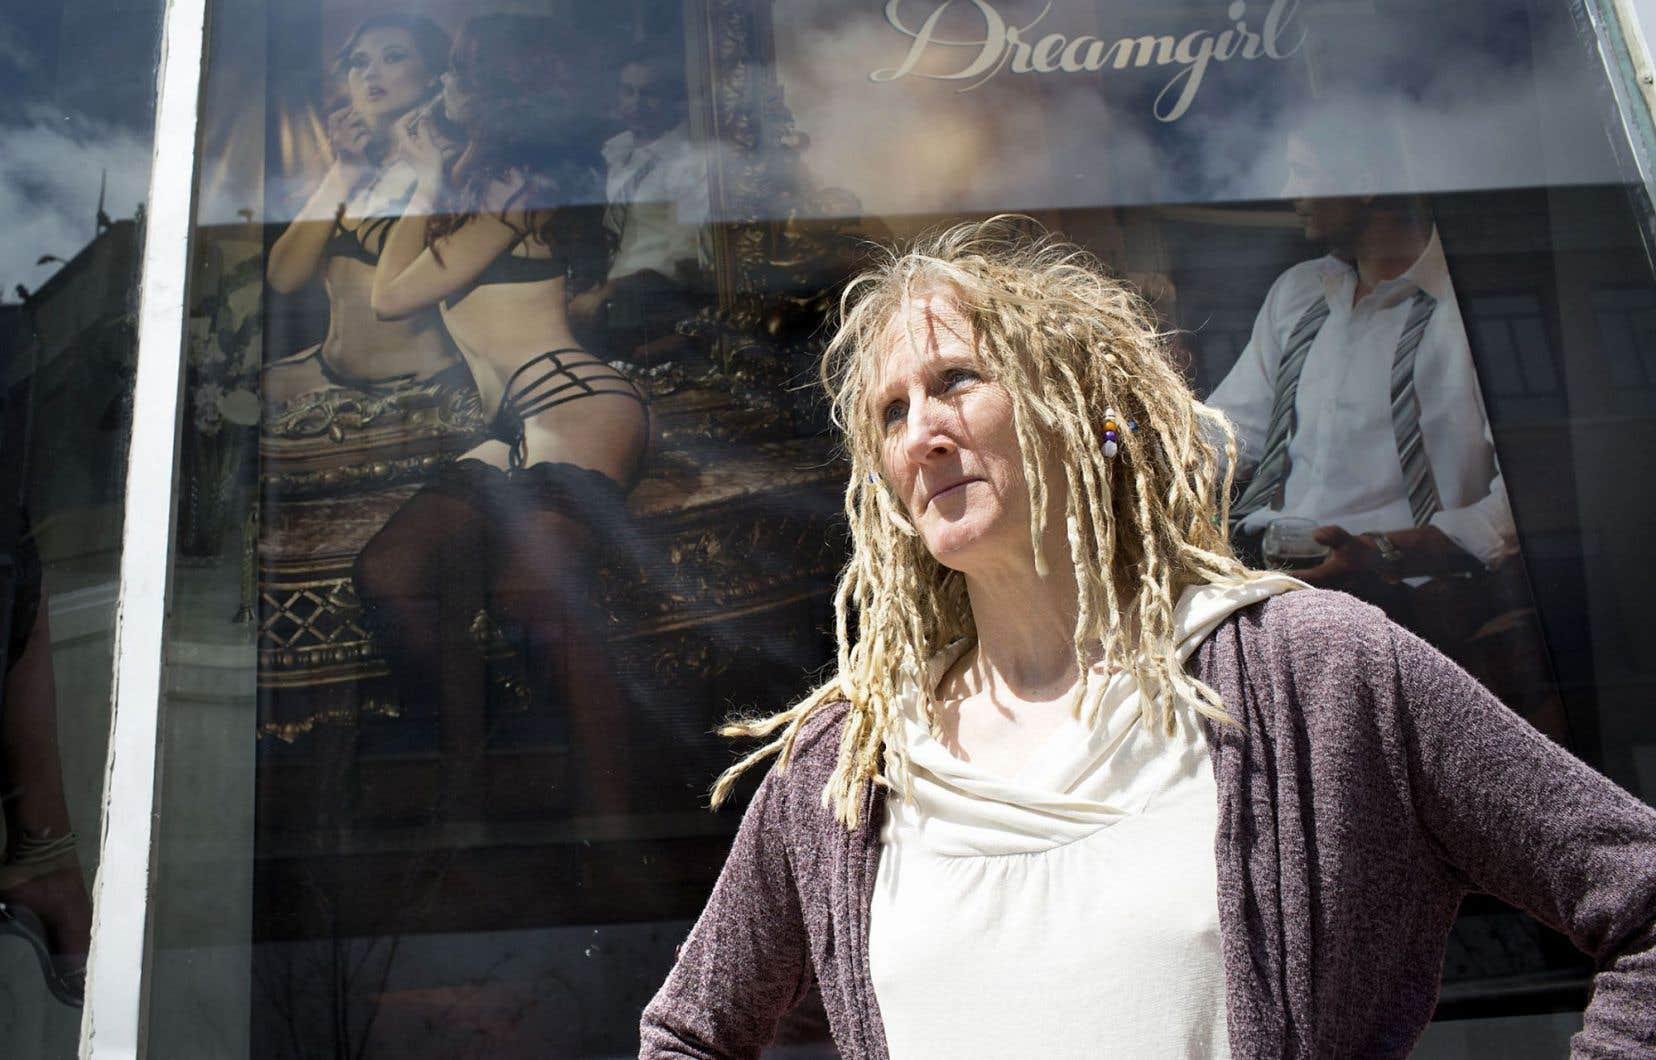 En entrevue, Ève Lamont explique qu'elle a voulu dresser un portrait clinique de la prostitution.